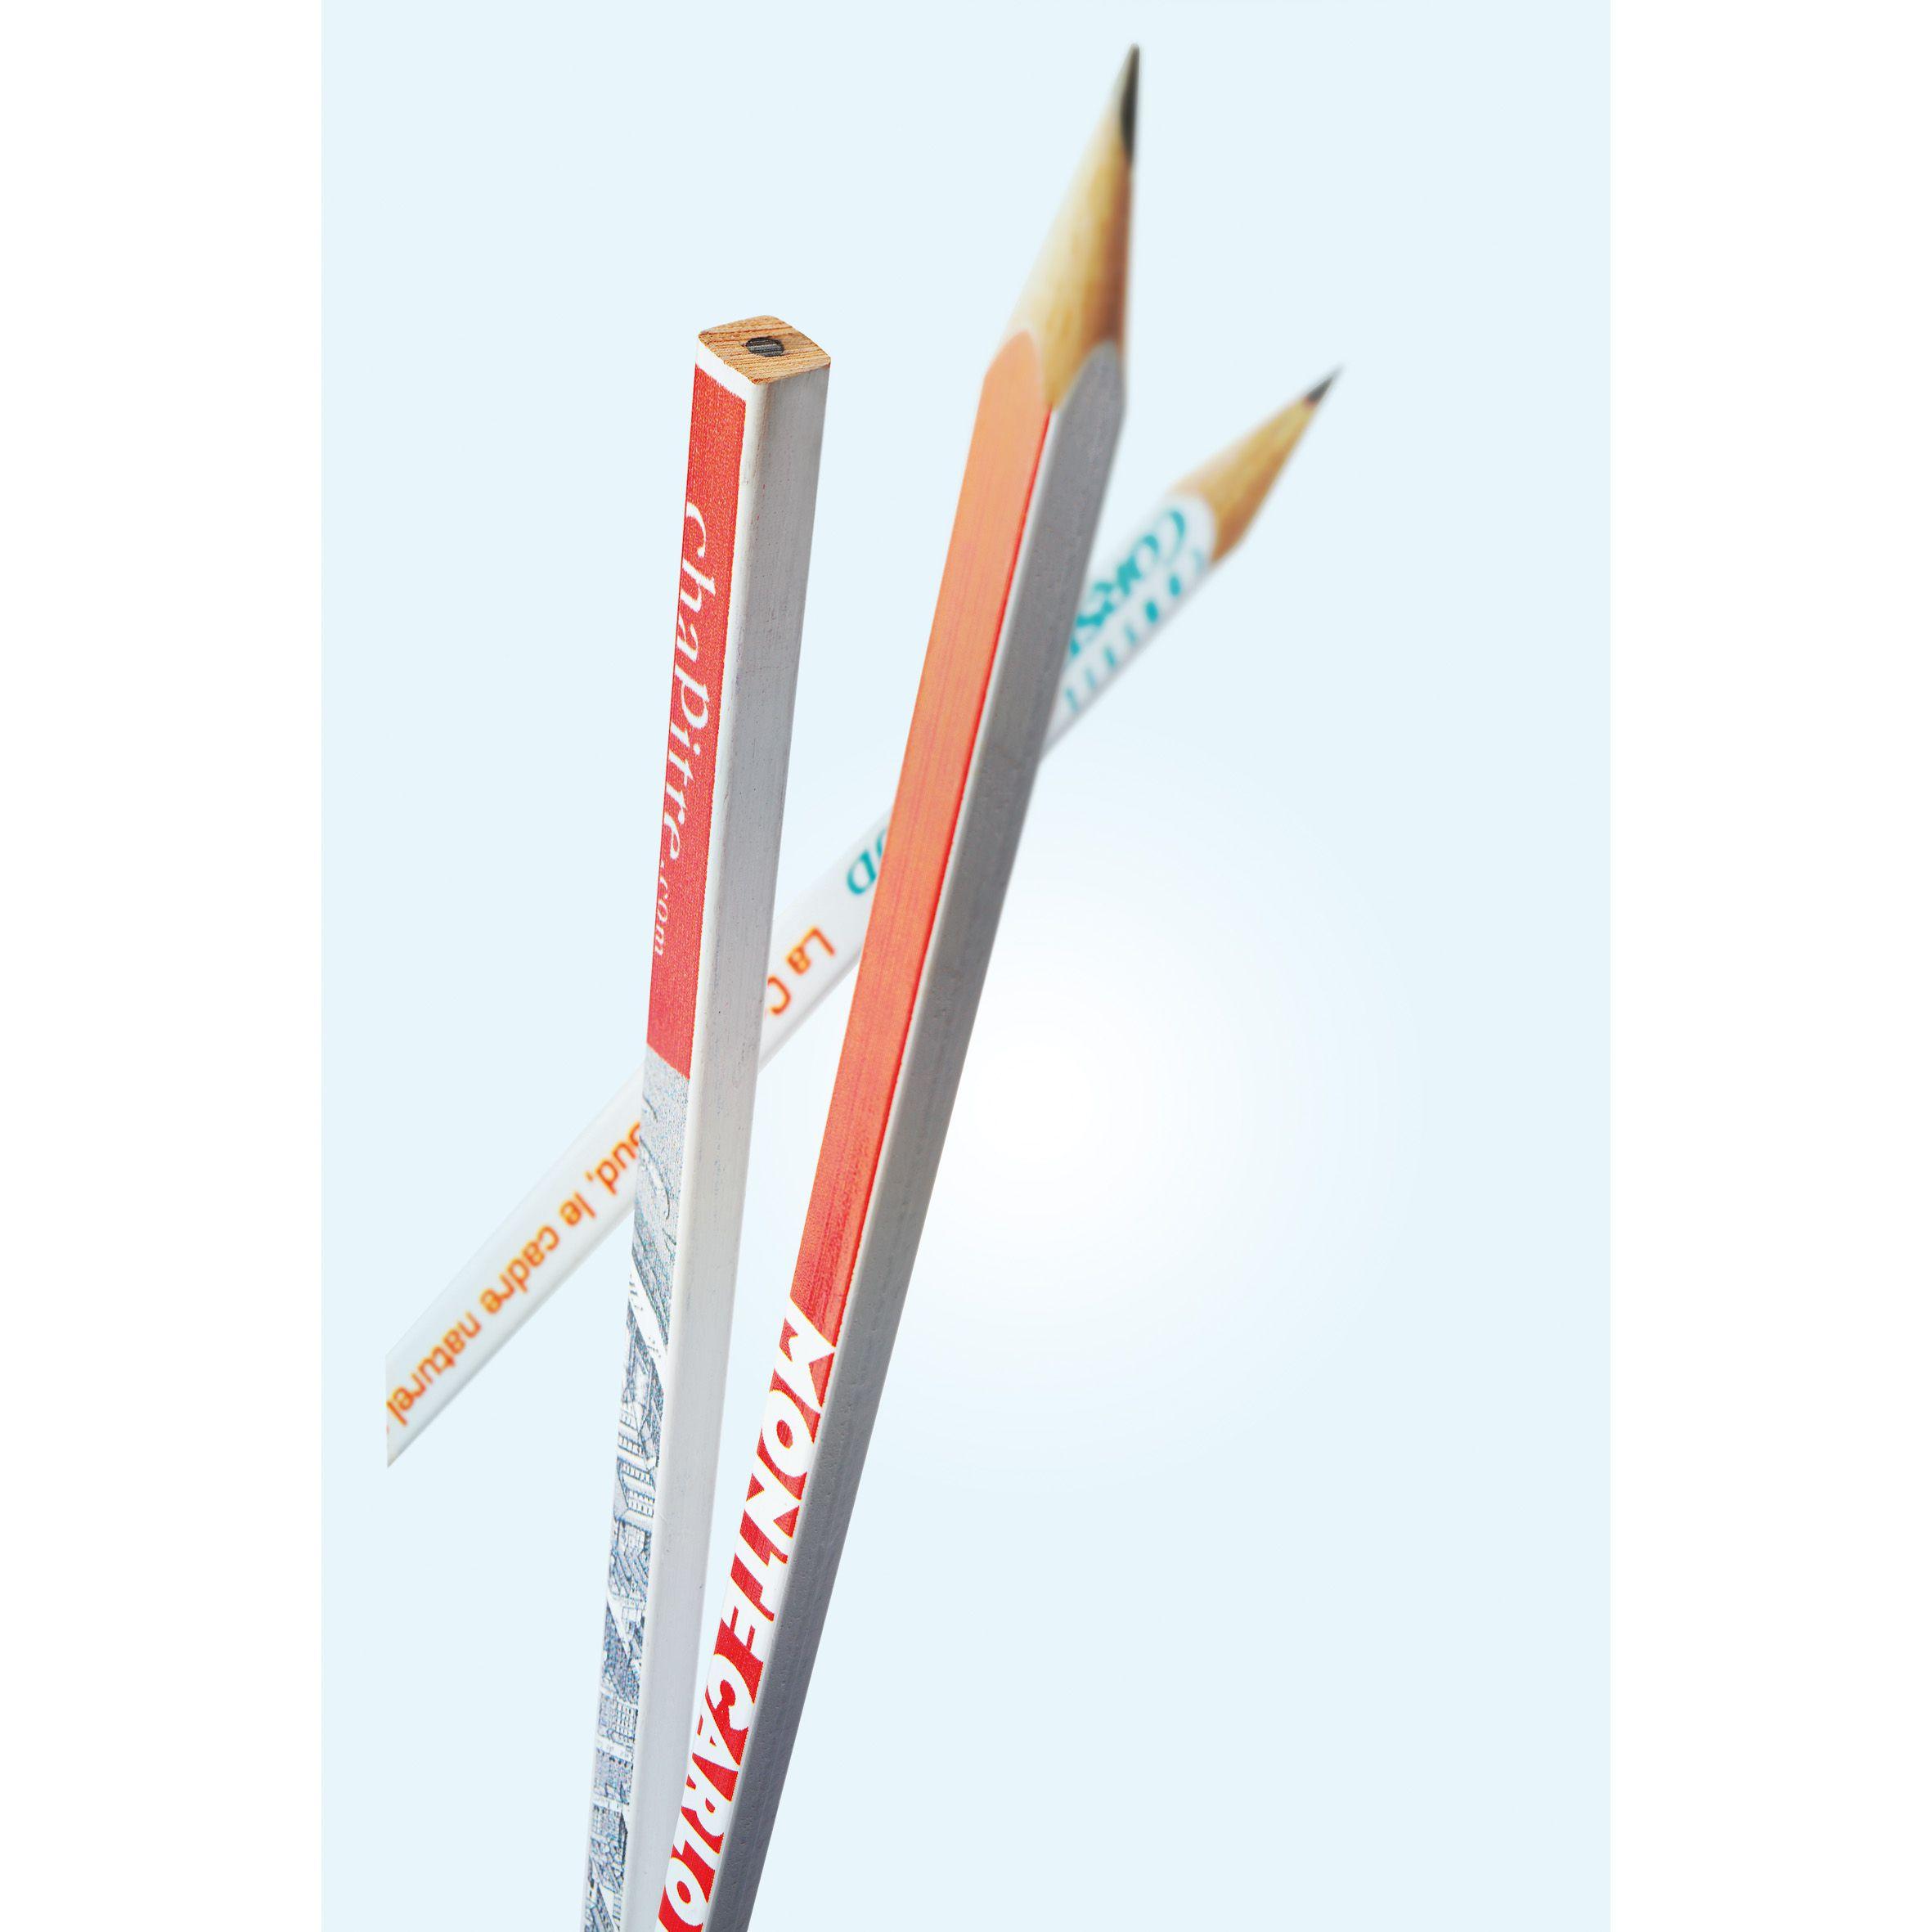 Crayon à papier publicitaire Ecogreen Carré - Goodies écologique